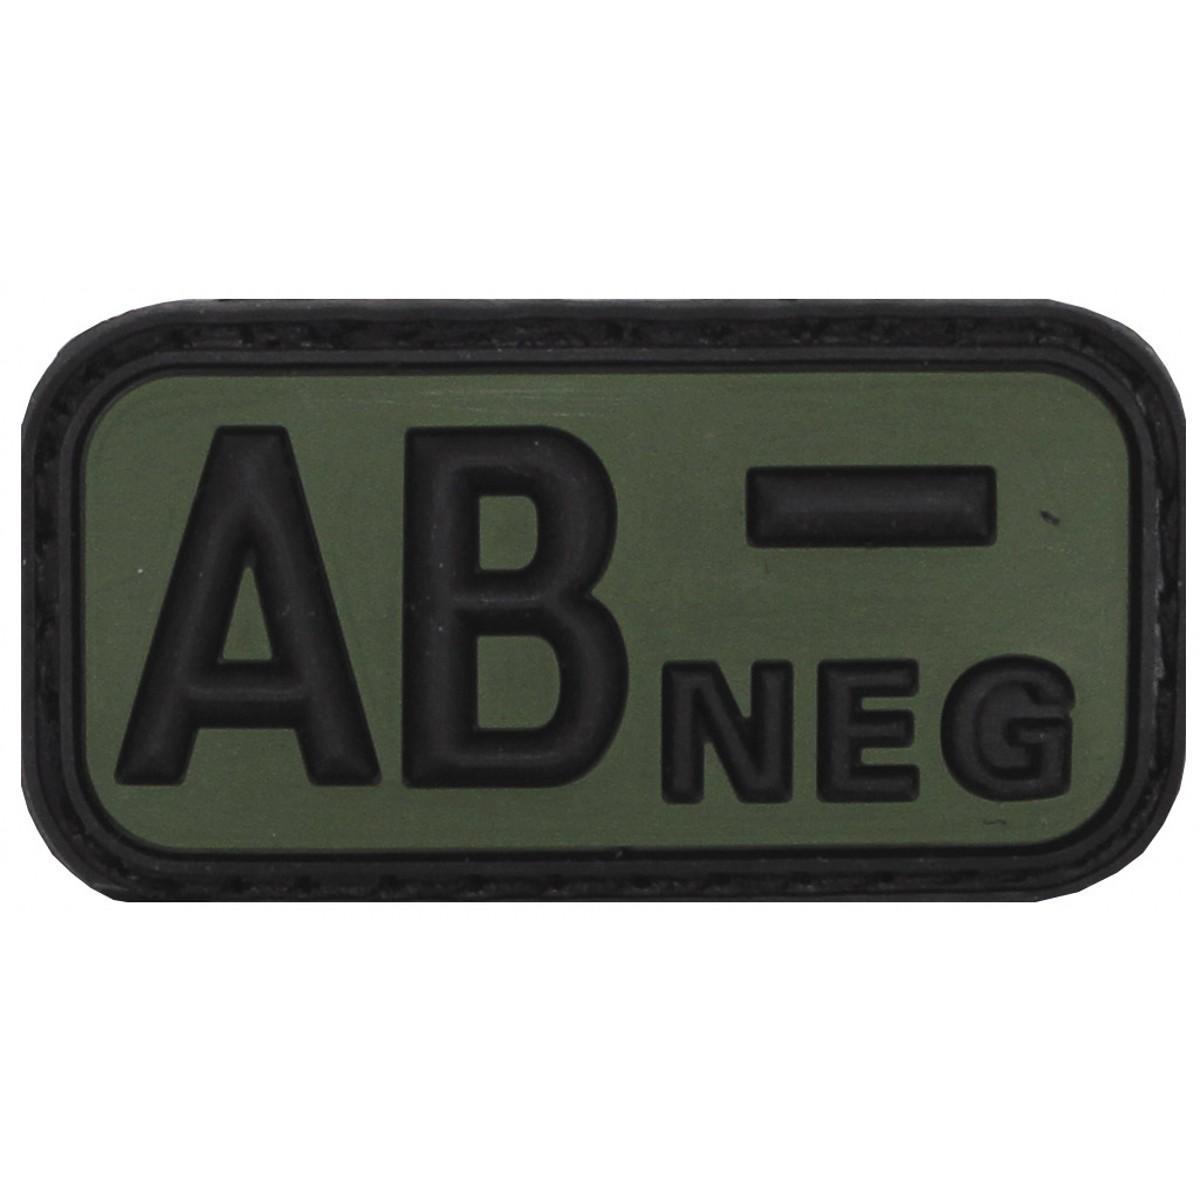 3D Nášivka krvnej skupiny, AB-, negatív, na suchý zips